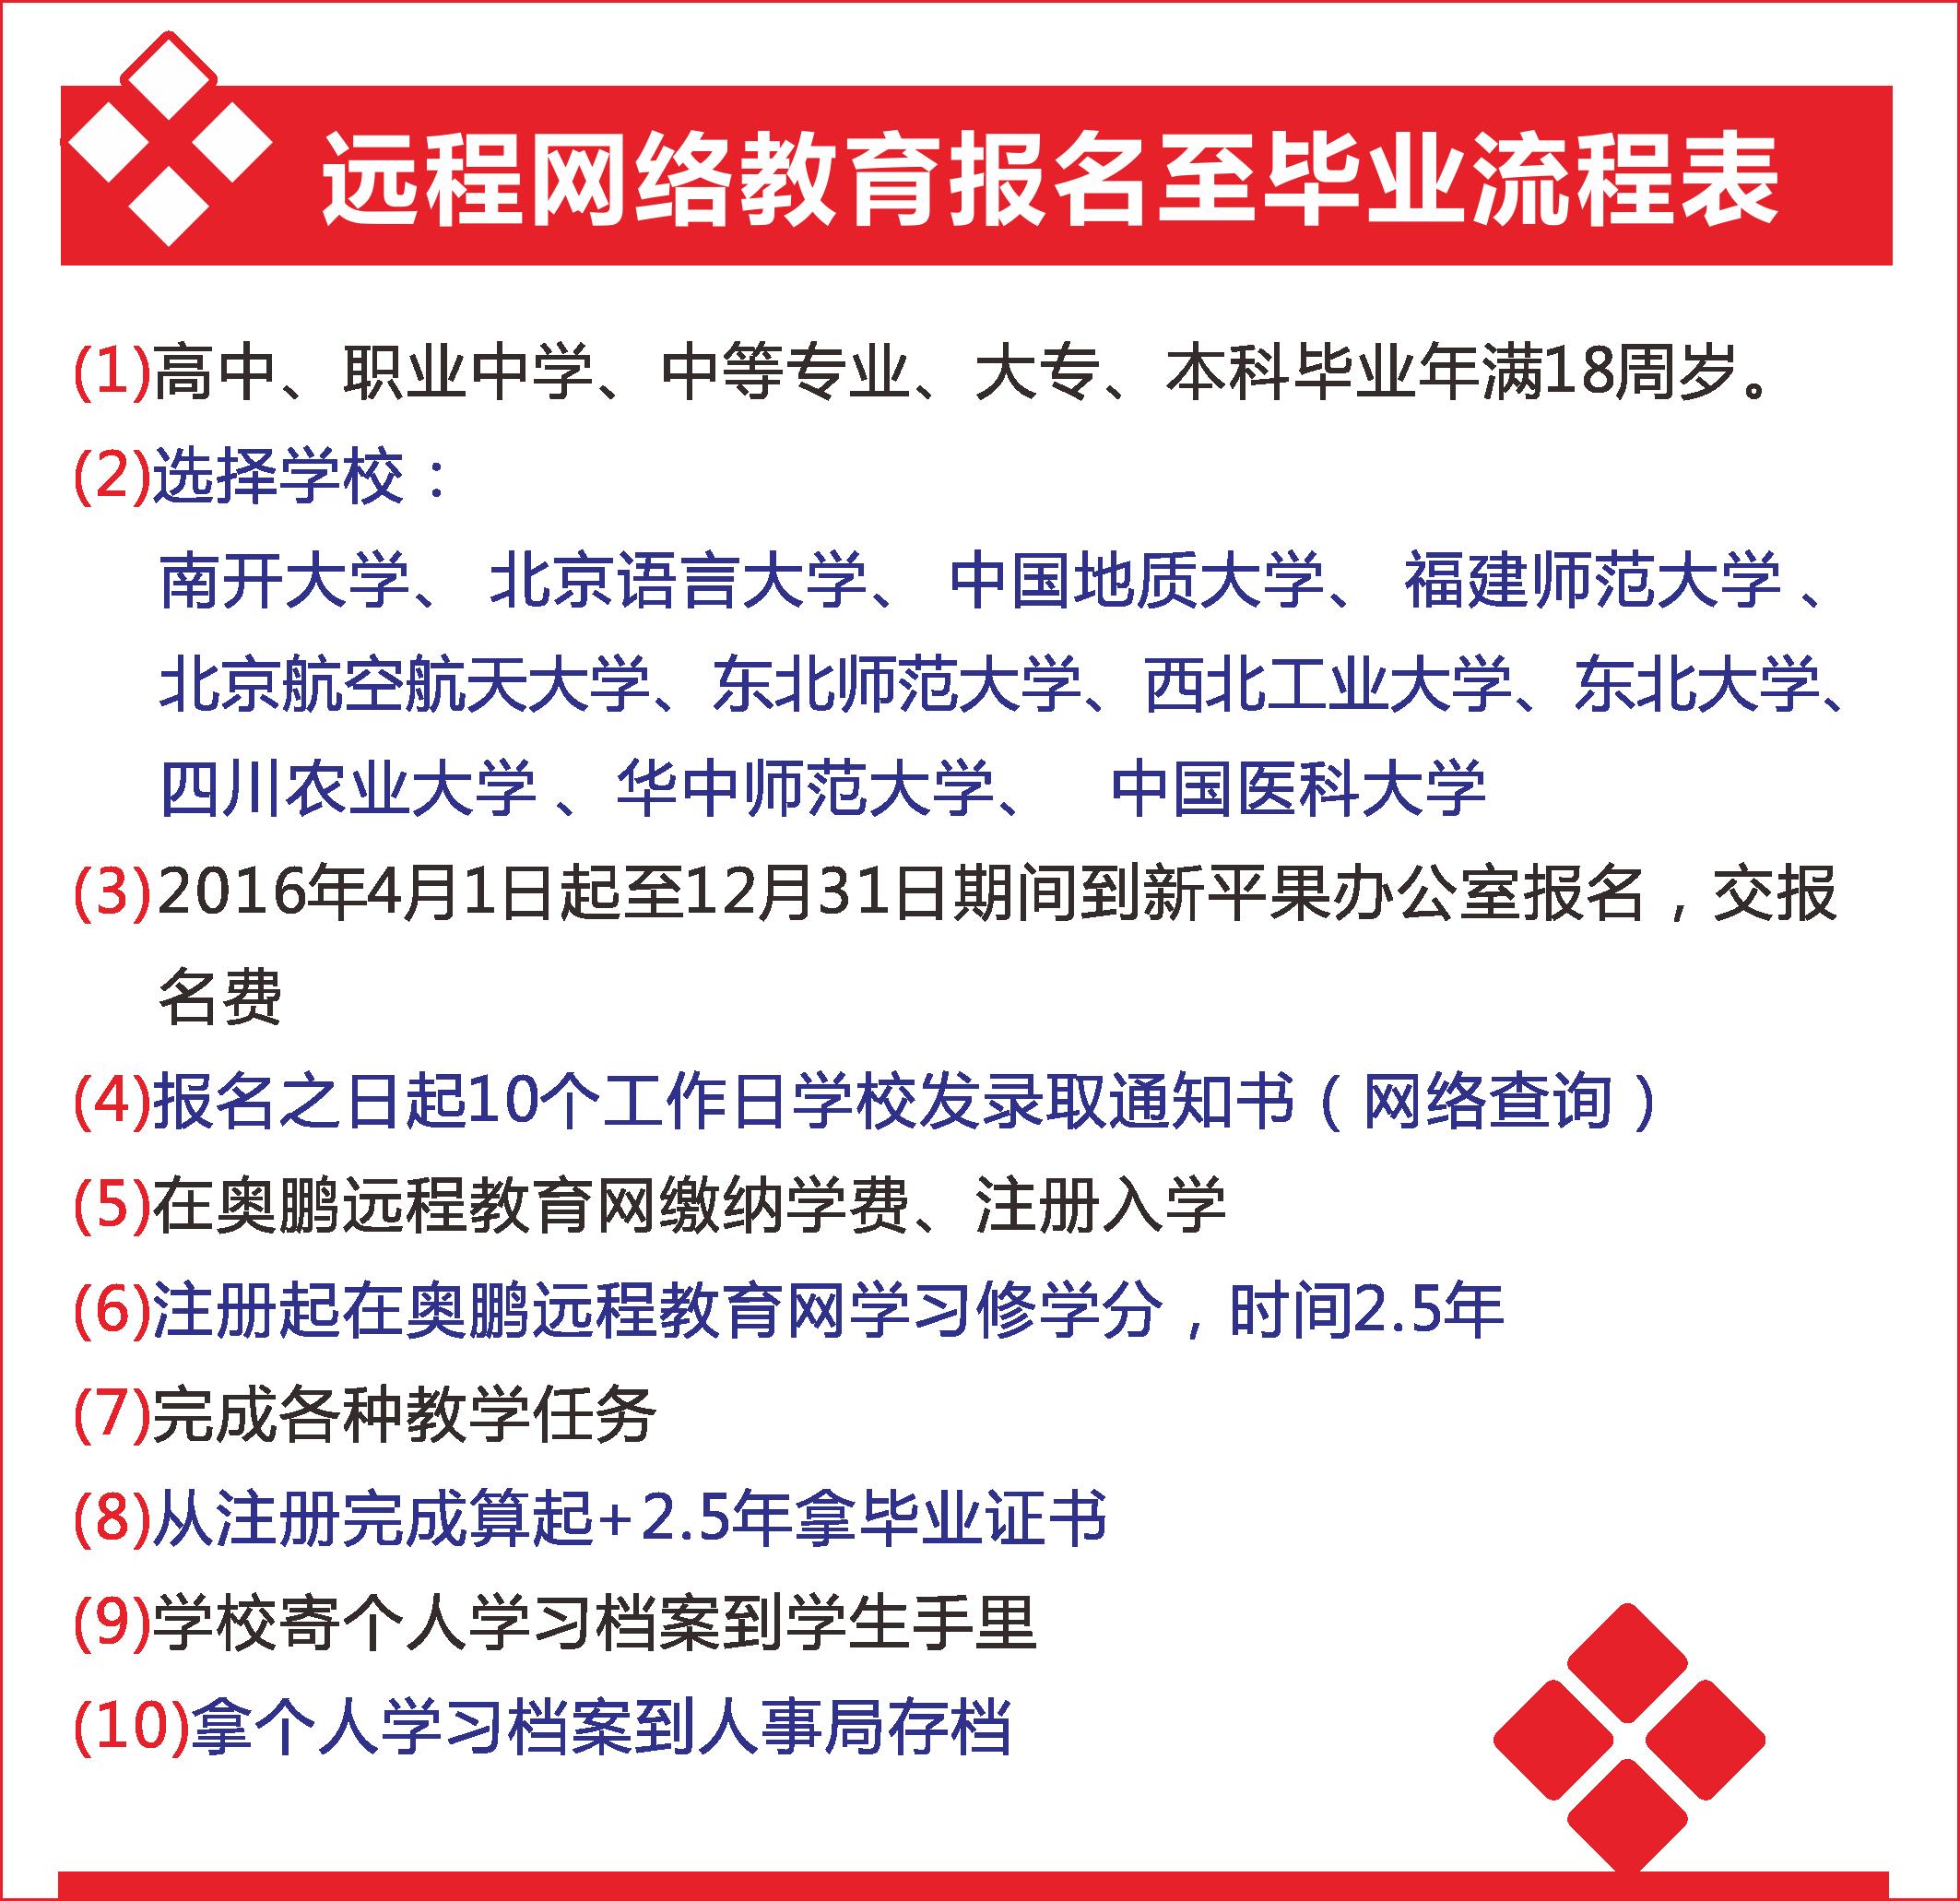 远程网络教育报名至毕业流程表.jpg